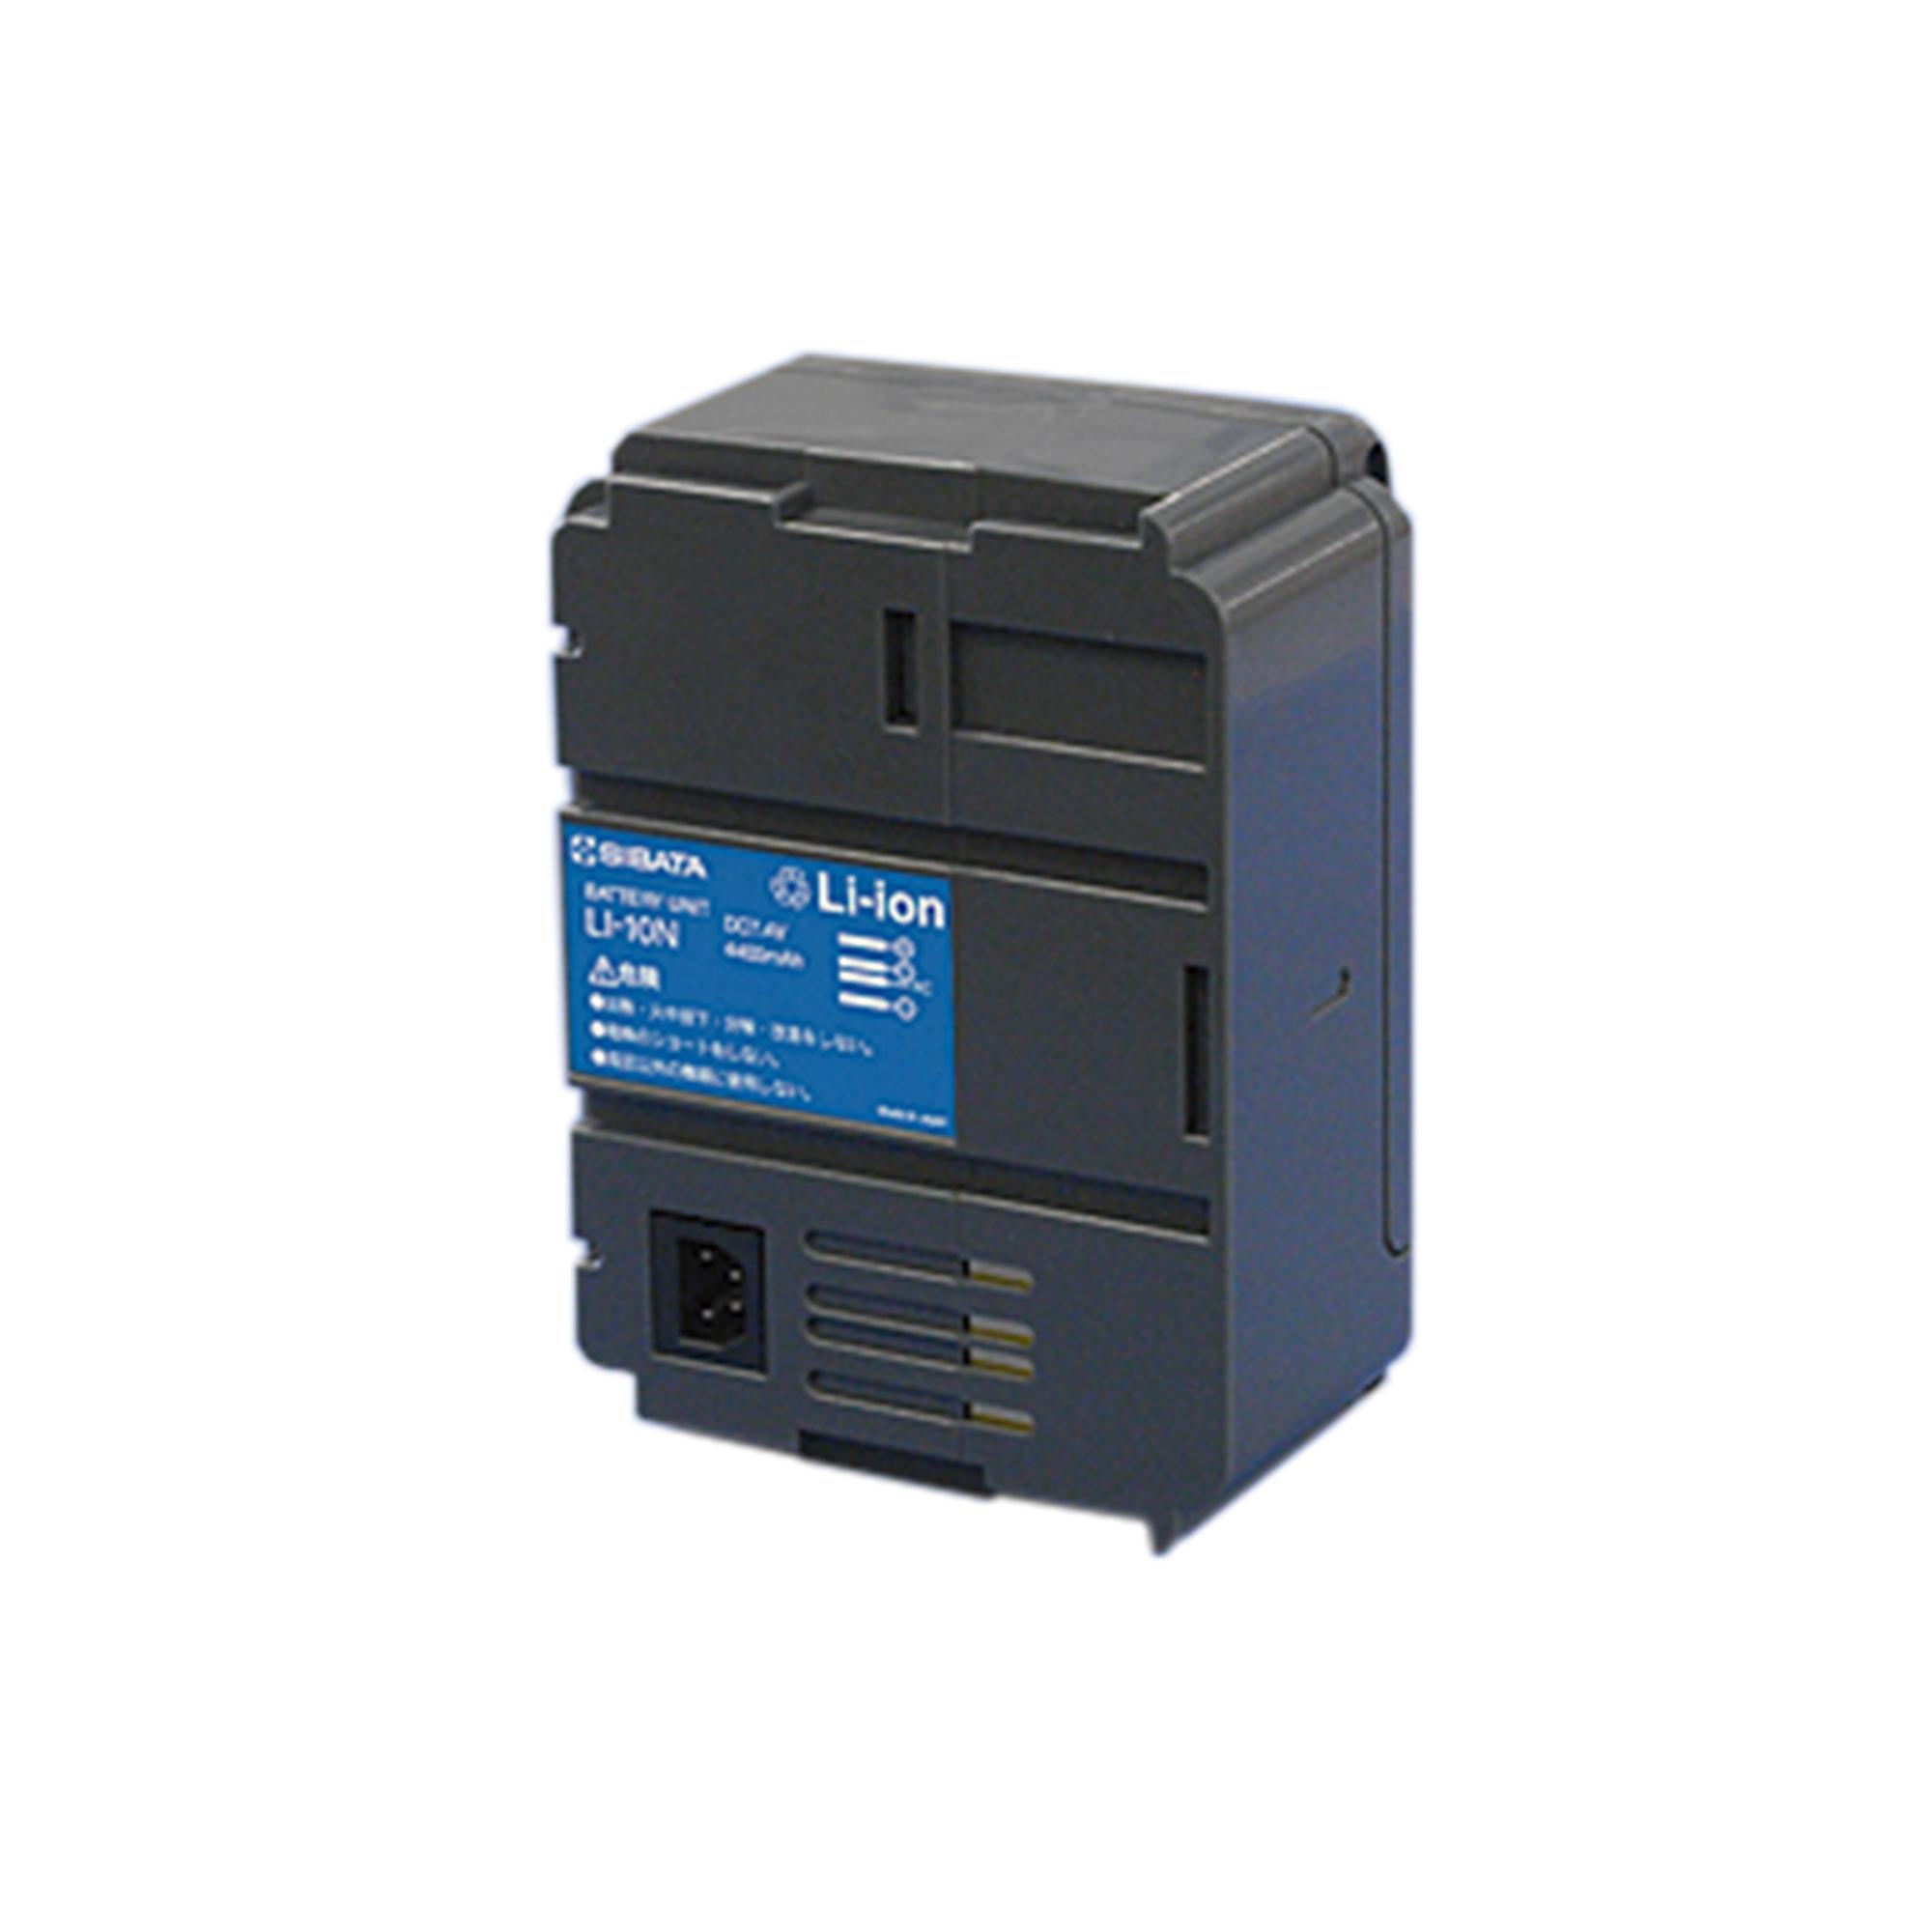 バッテリーユニット LI-10N